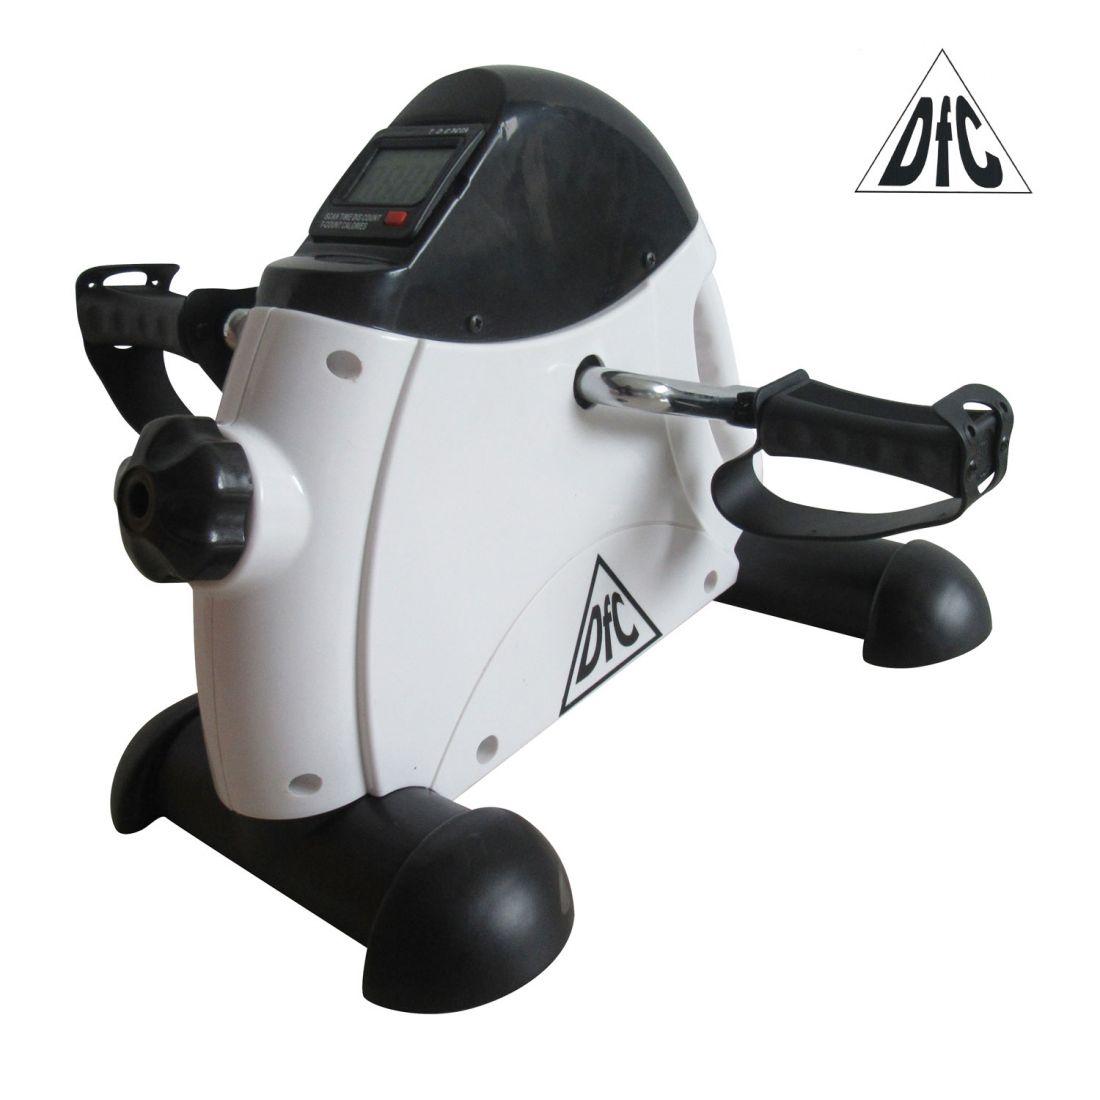 Велотренажер - DFC B1.2W мини